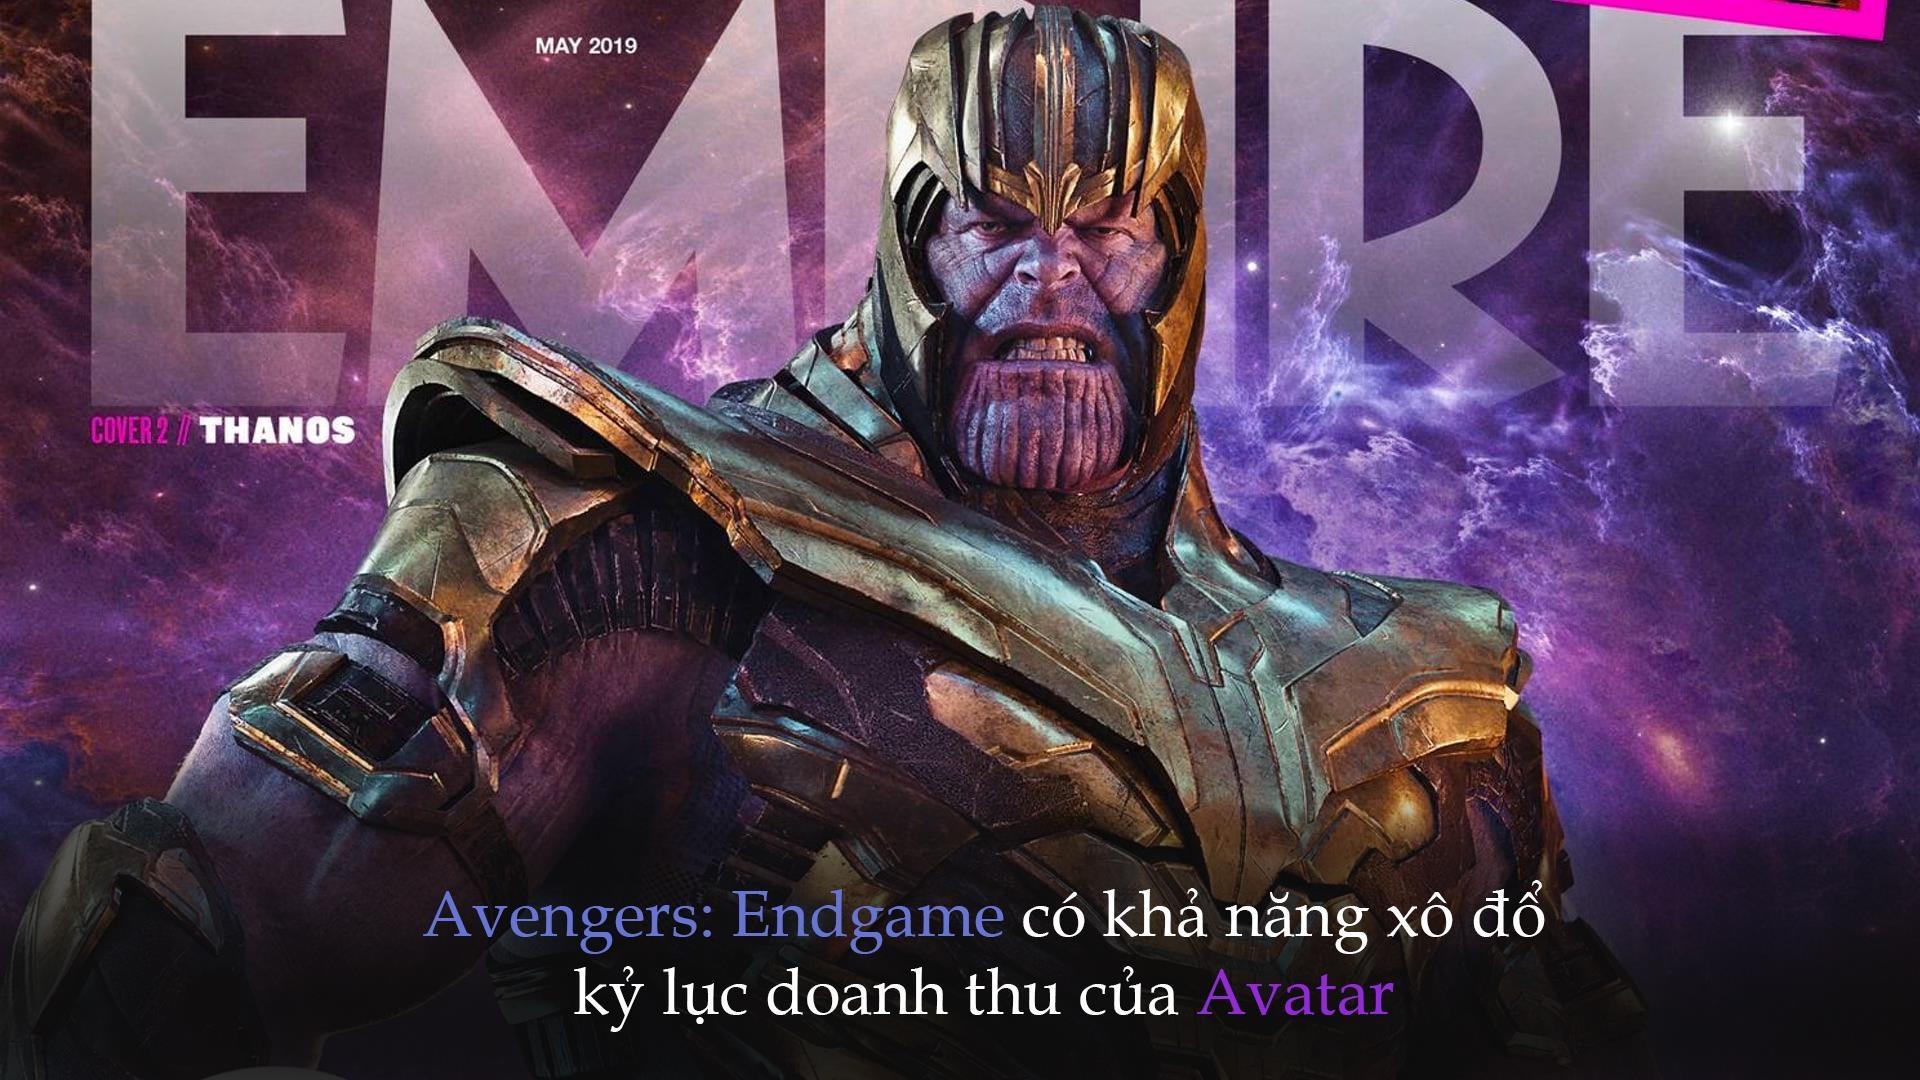 Phim Avengers: Endgame anh 18